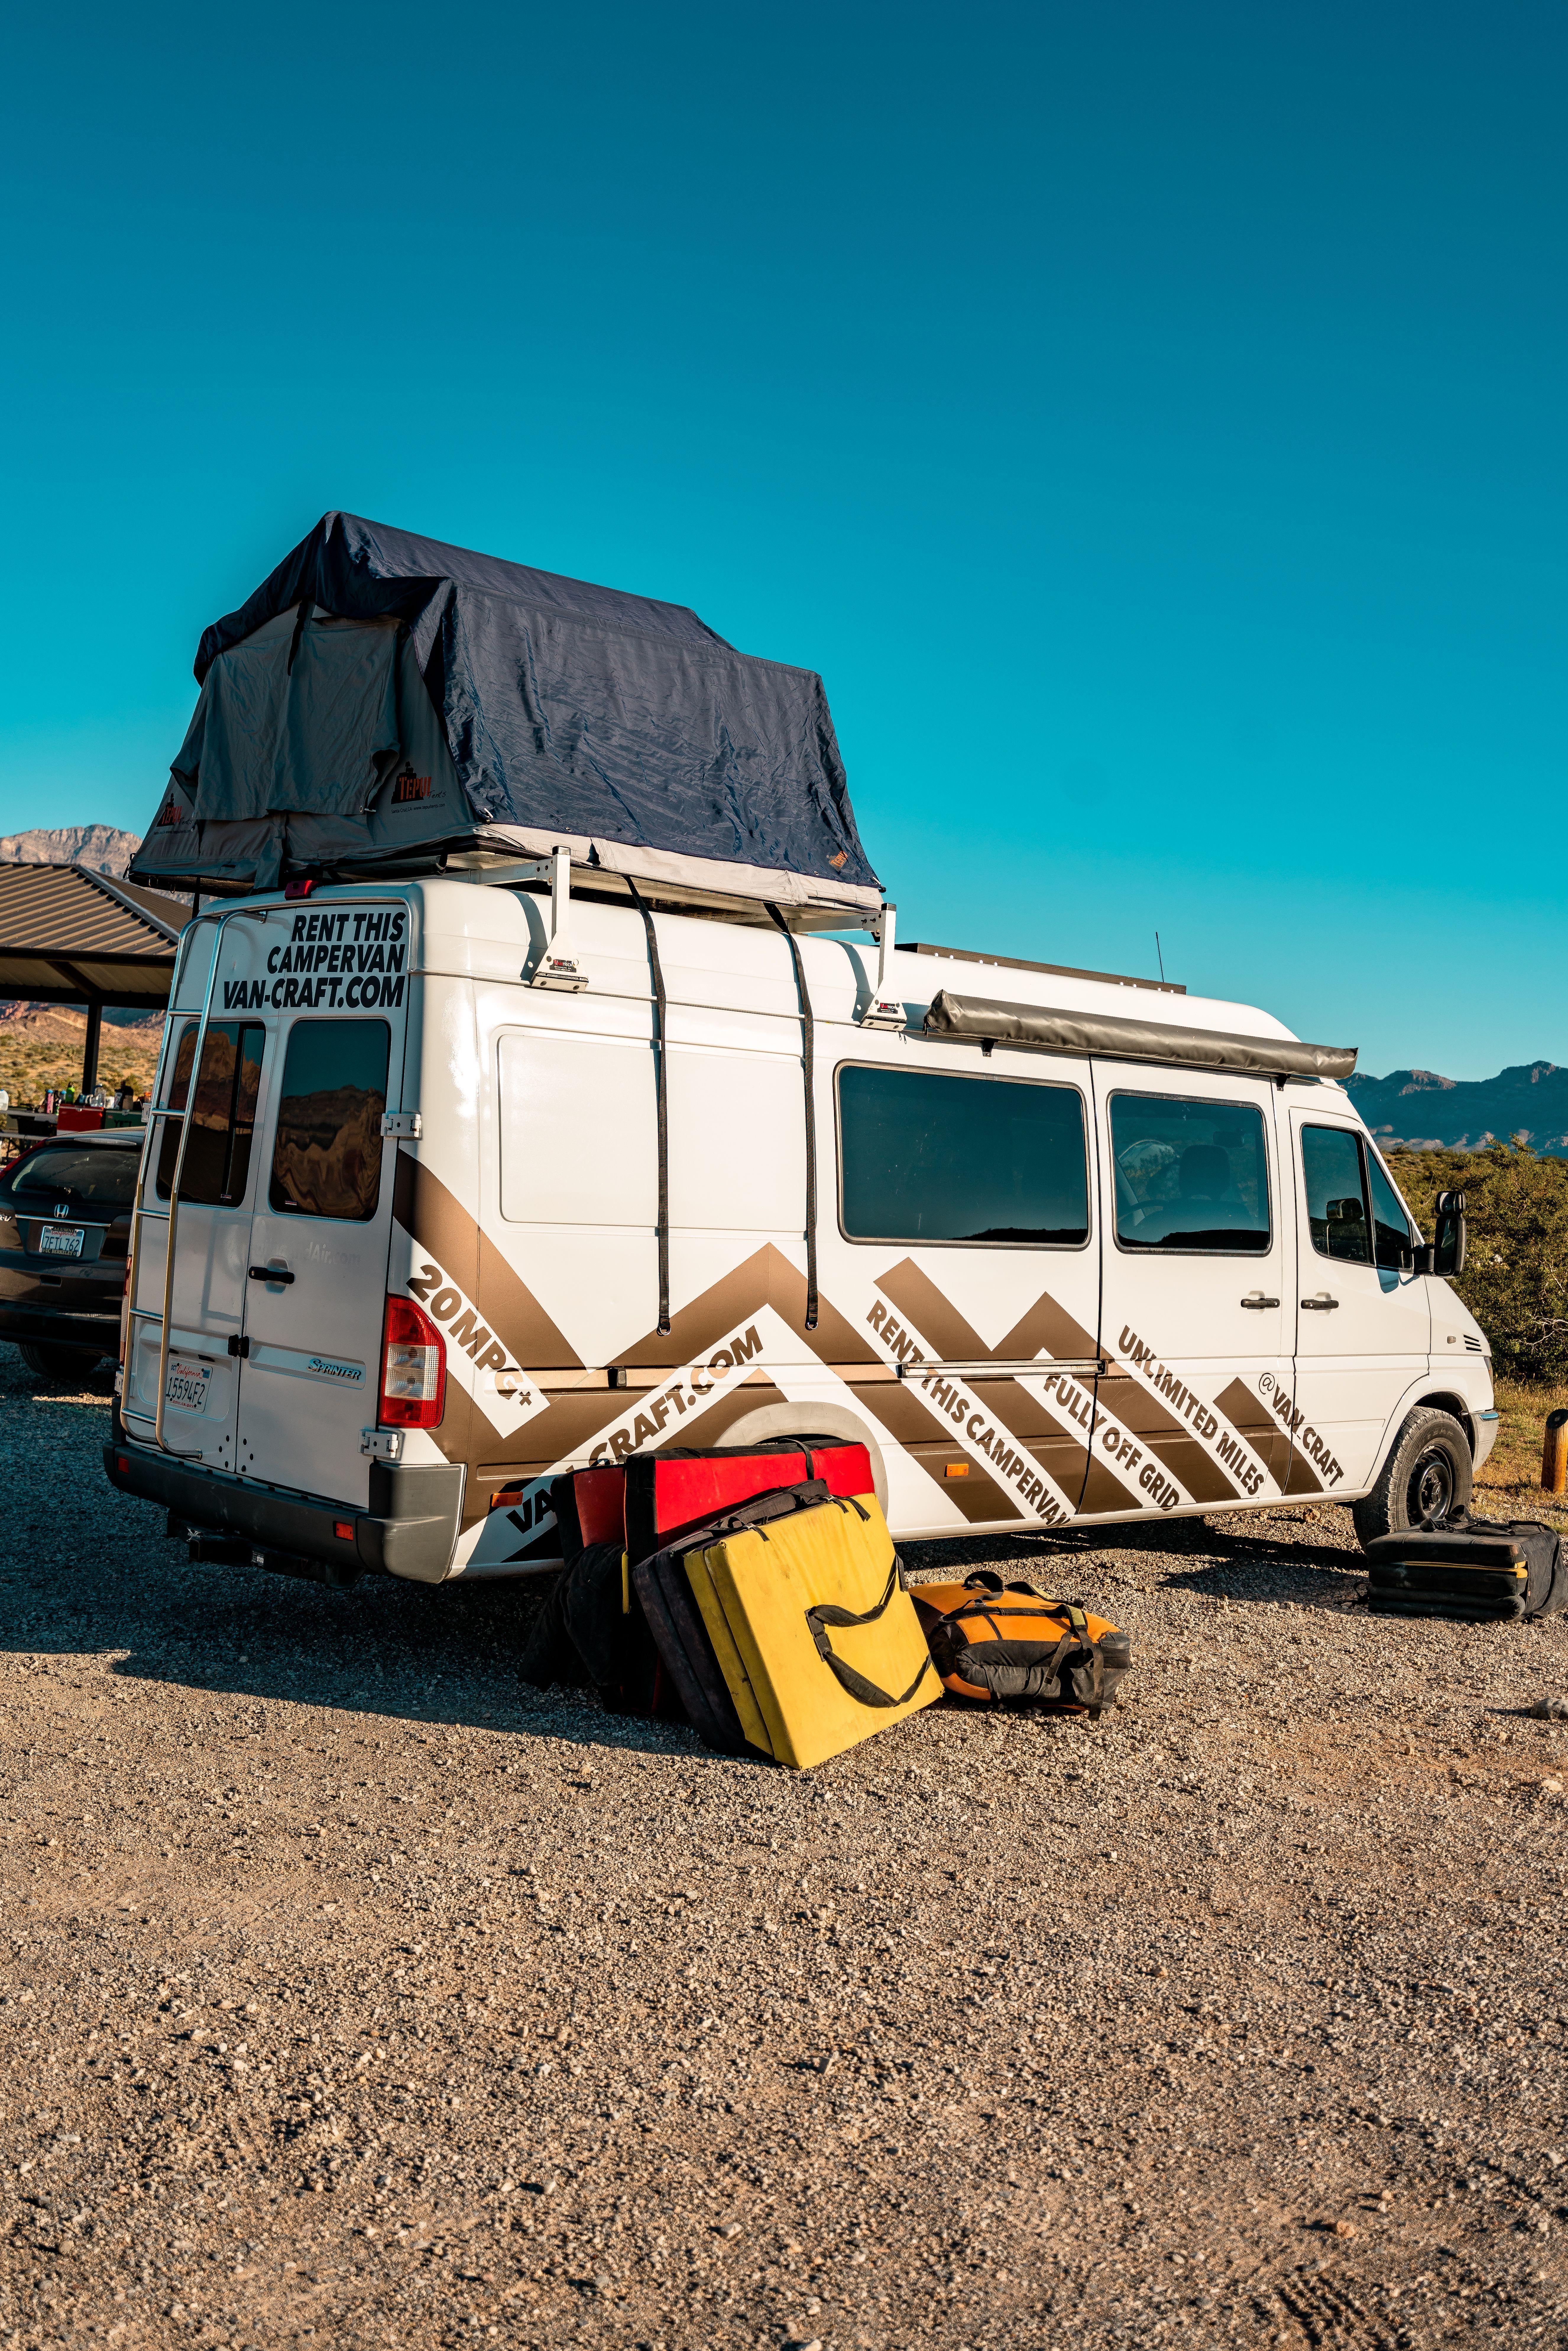 Vancraft Sprinter Campervans Give Vanlife A Try In 2020 Sprinter Camper Van Life Van For Sale